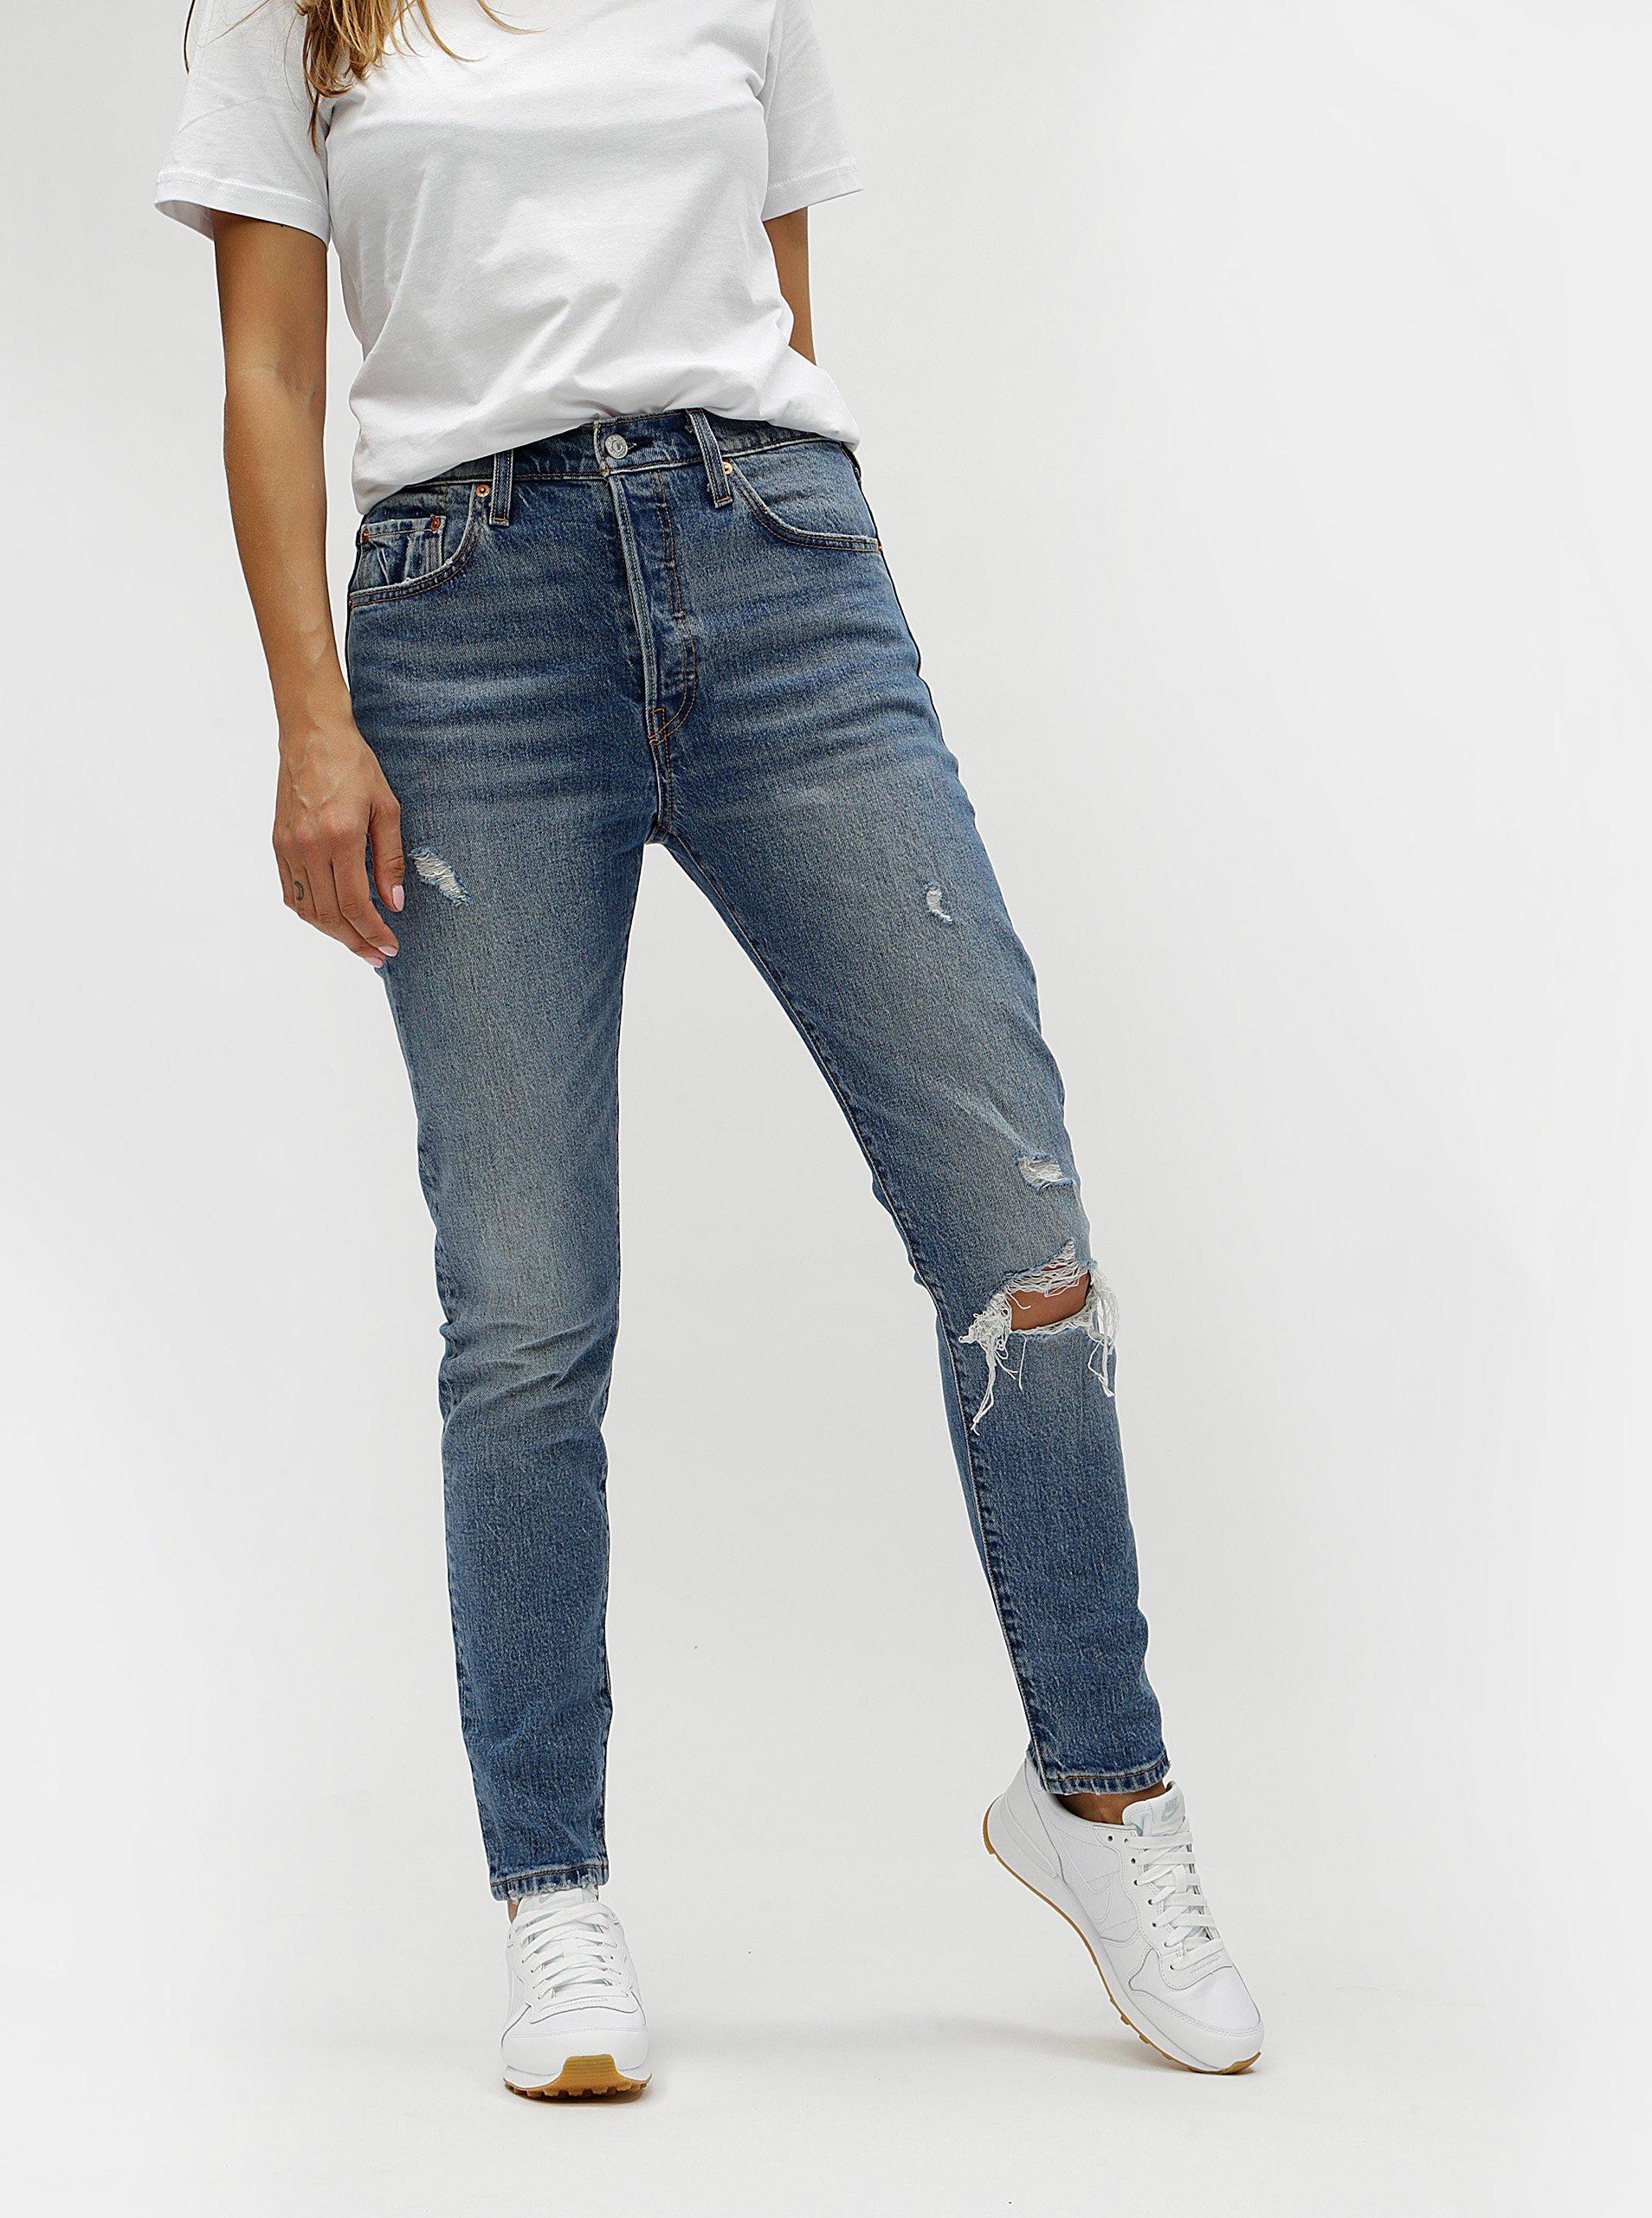 1c86b350808 Modré dámské skinny džíny s potrhaným efektem Levi s®